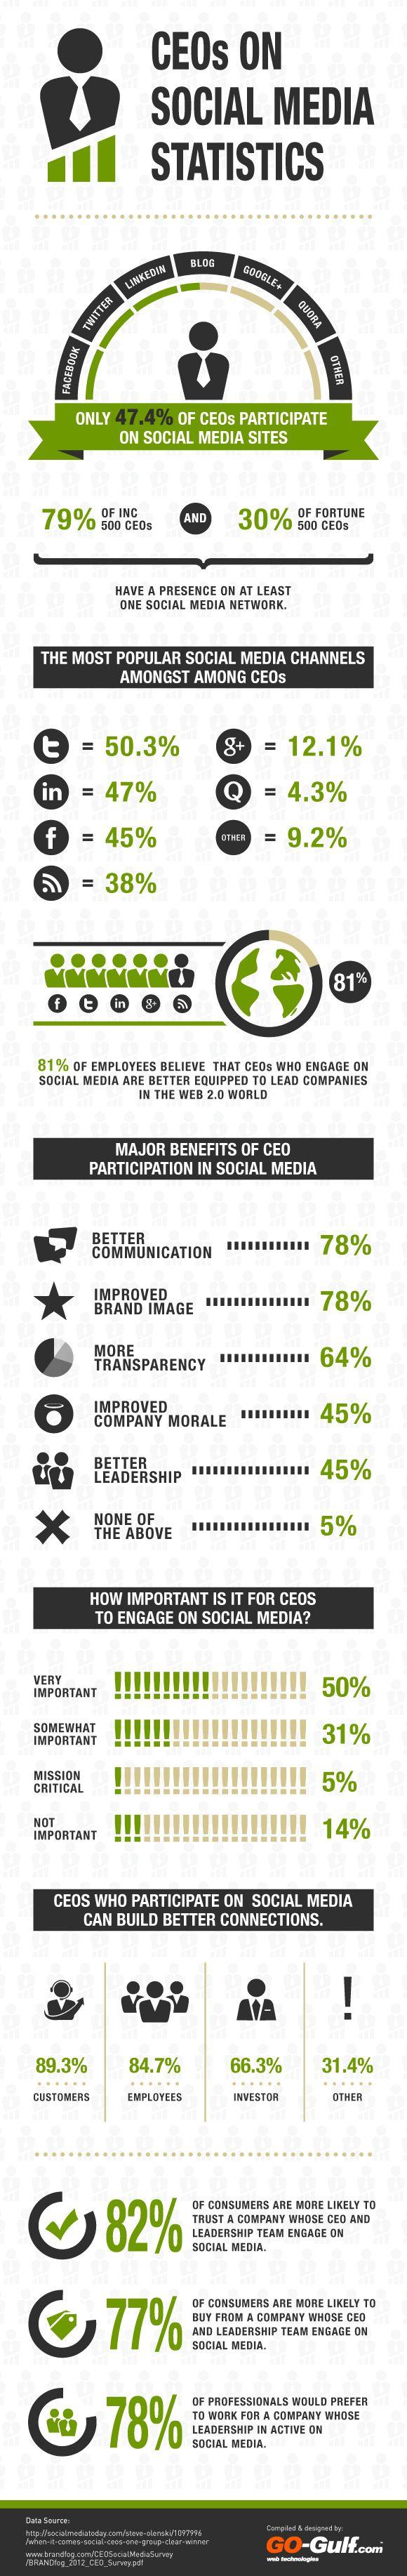 Infographie : les dirigeants d'entreprises sur les réseaux sociaux - Infographic: CEO on social media